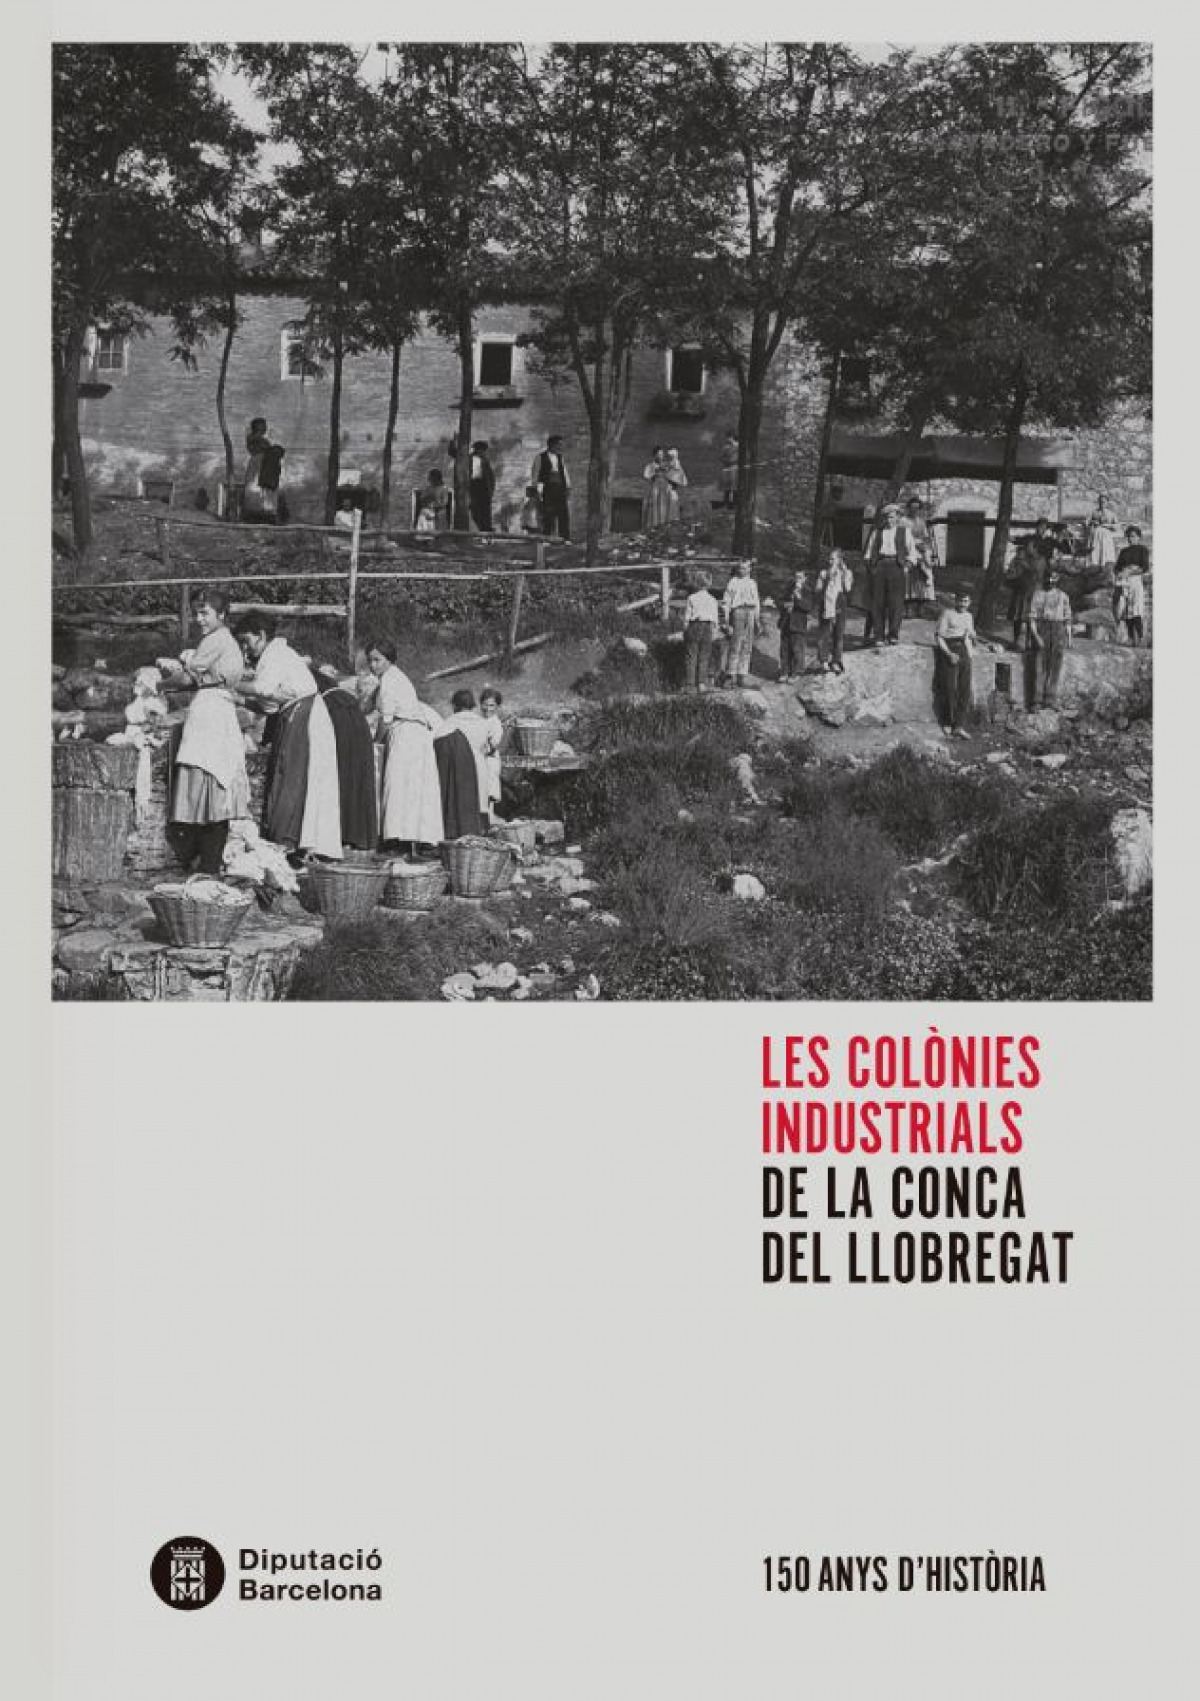 LES COLÒNIES INDUSTRIALS DE LA CONCA DEL LLOBREGAT